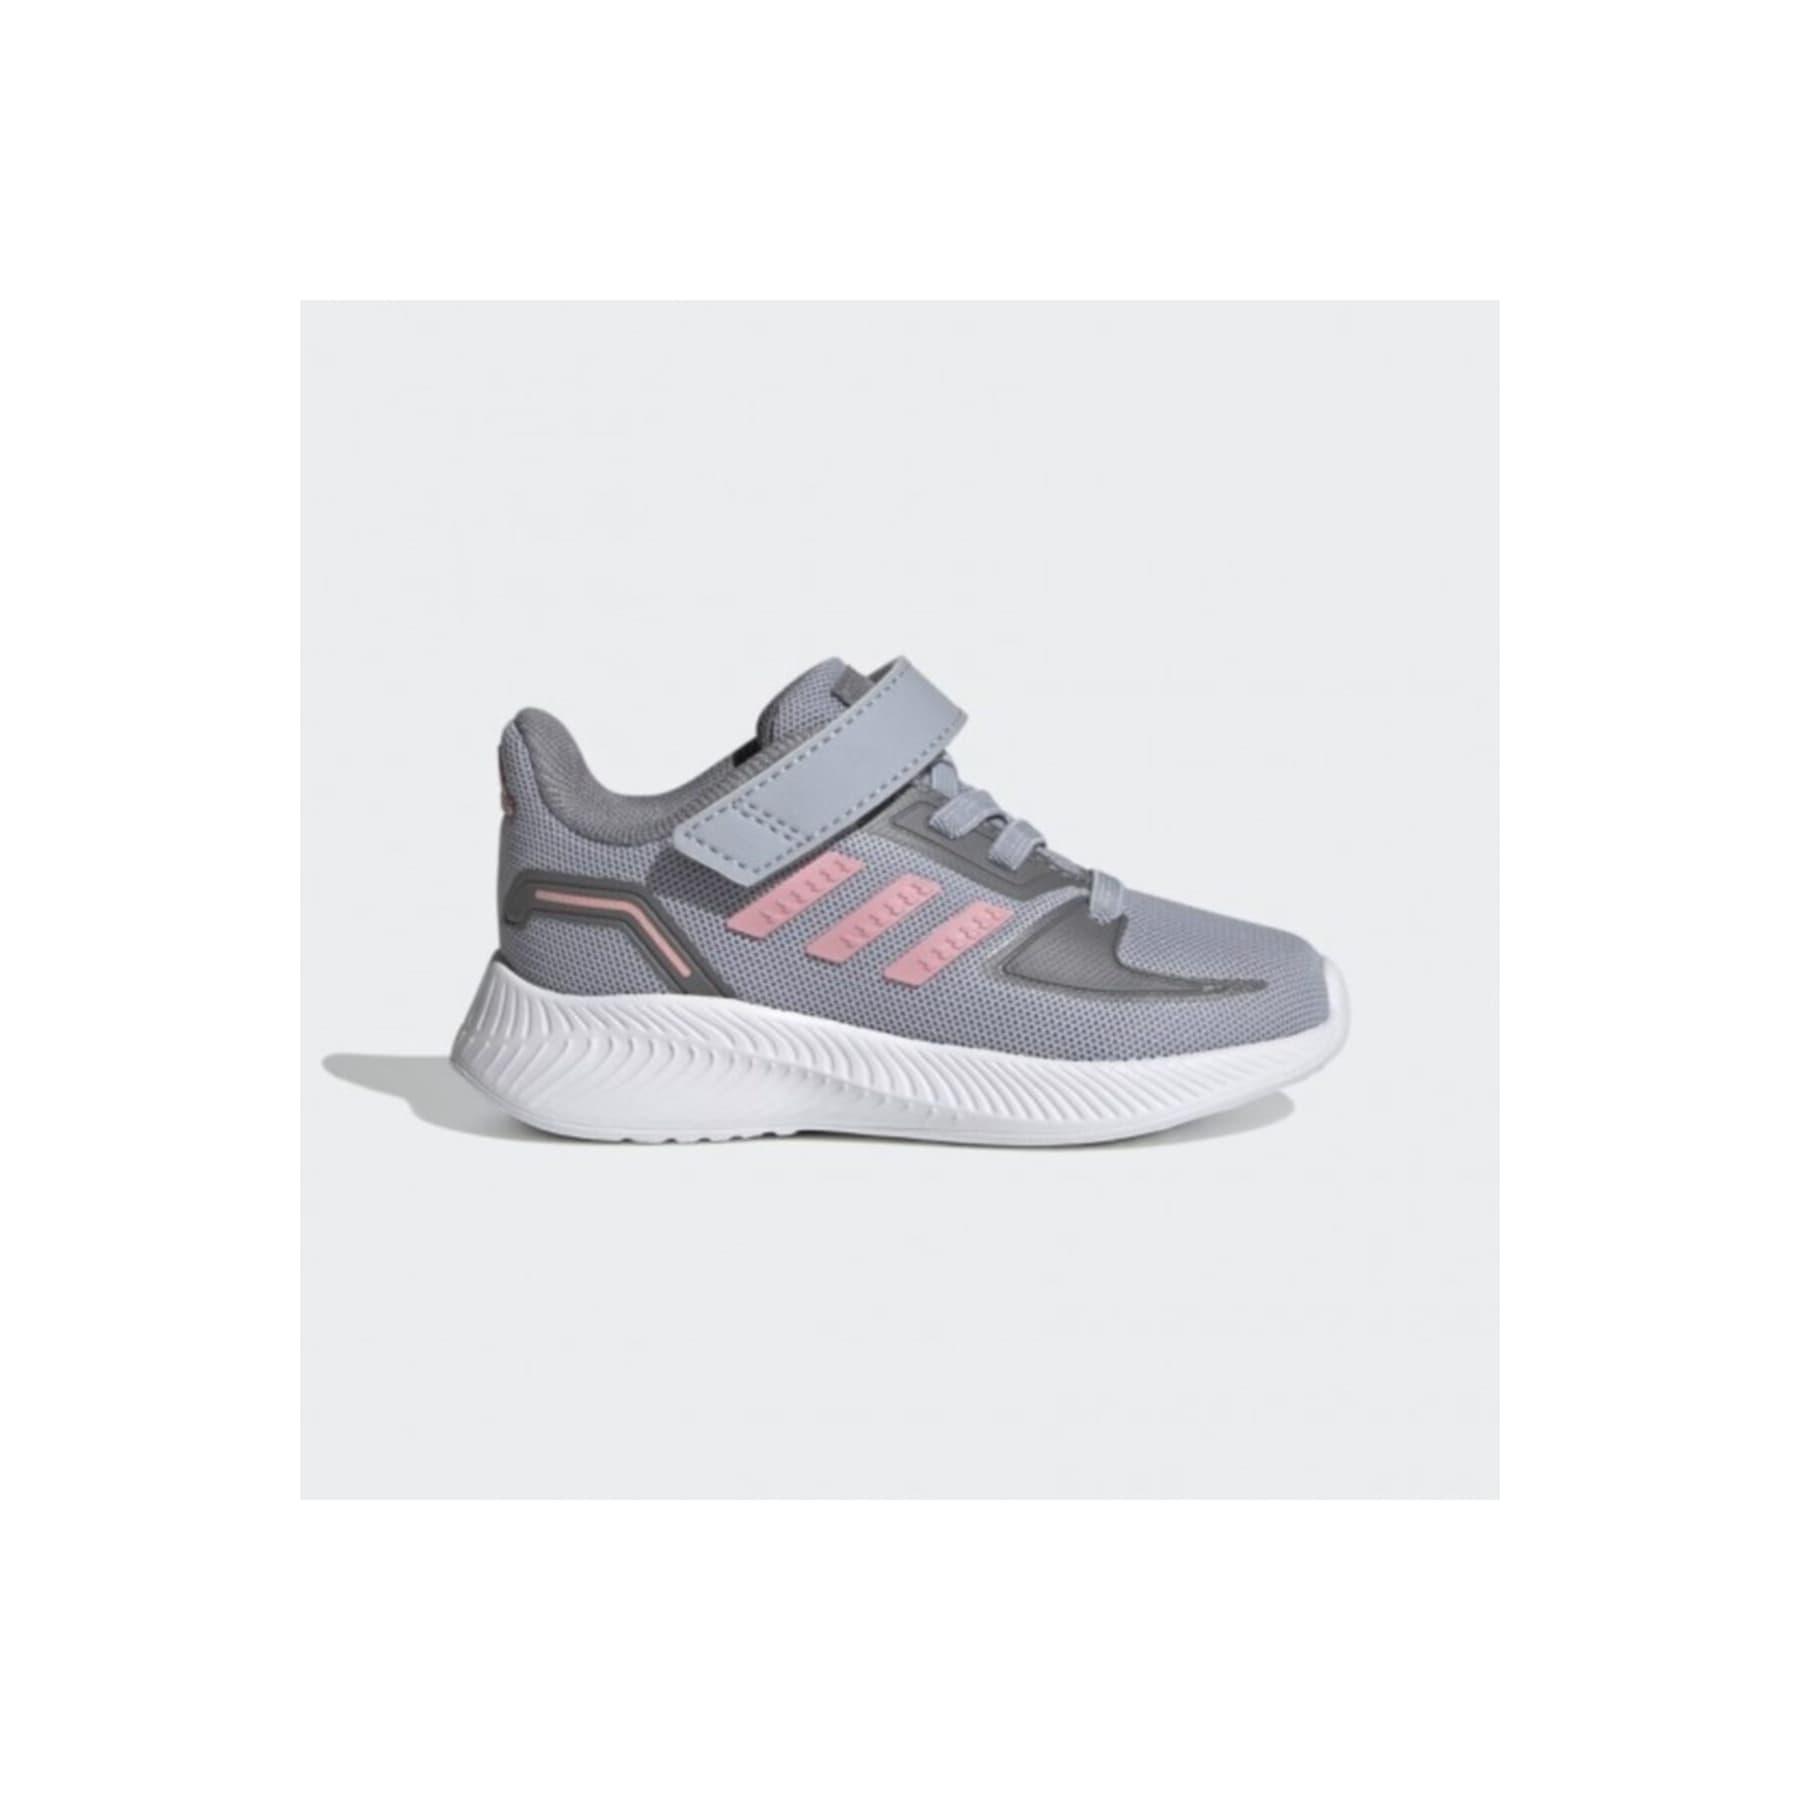 adidas Runfalcon 2.0 Çocuk Gri Spor Ayakkabısı (FZ0095)